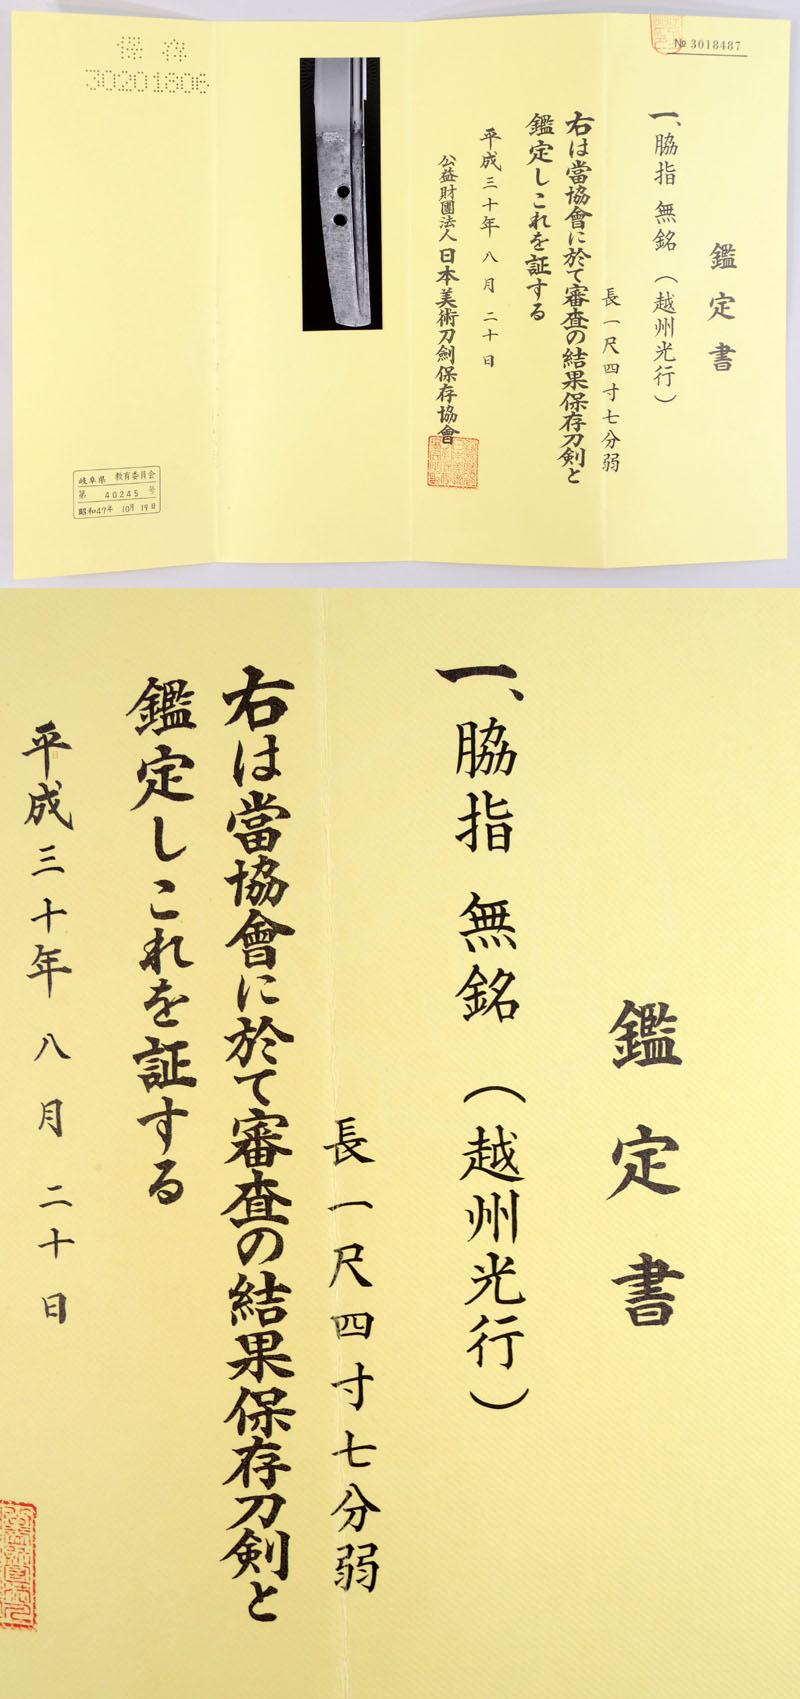 無銘 [越州光行](越州敦賀住光行) Picture of Certificate